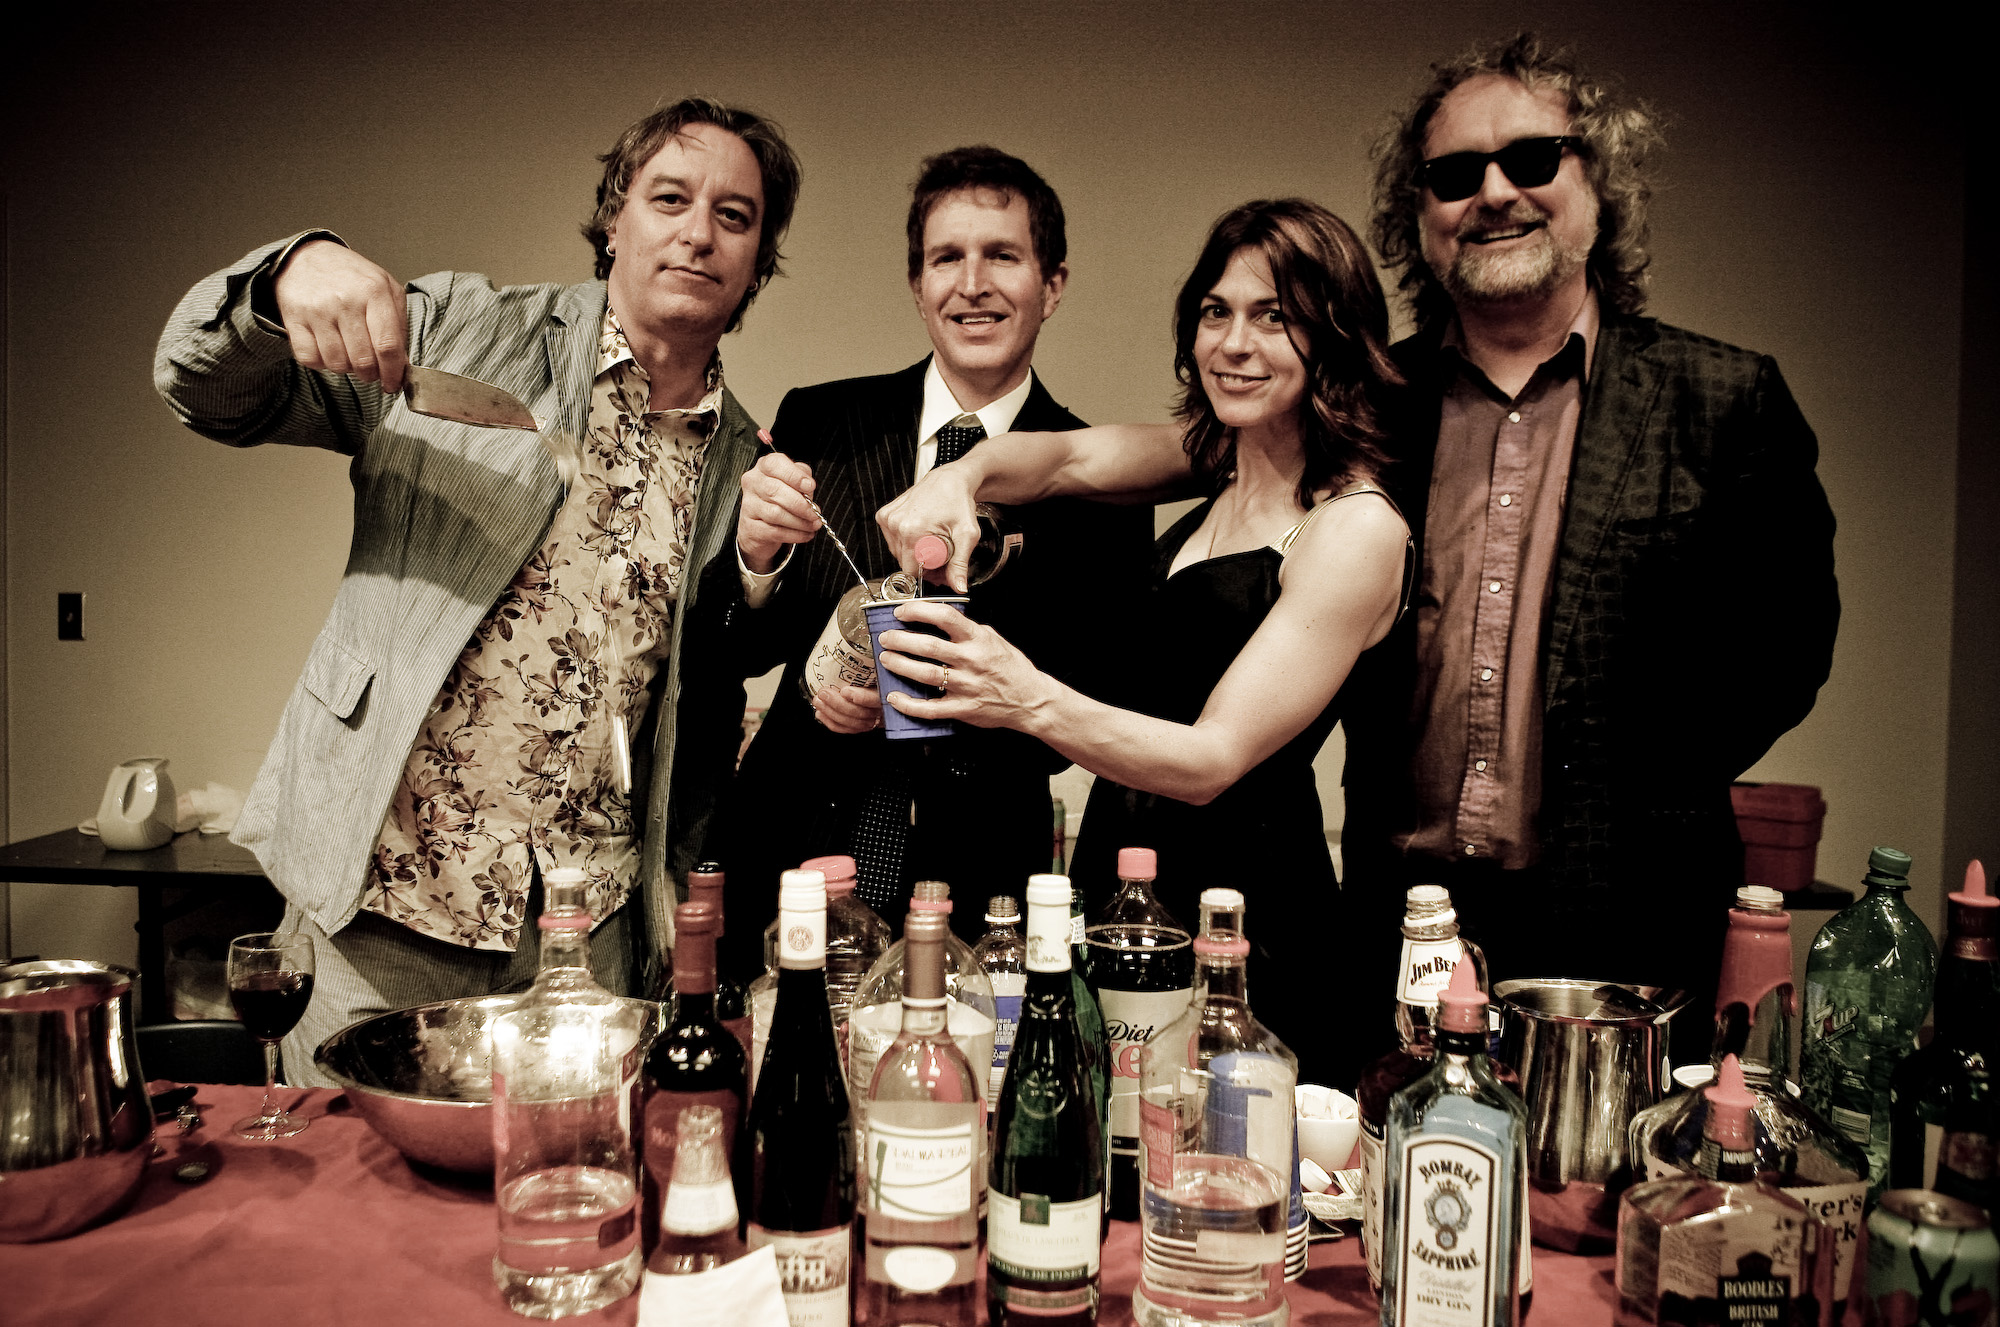 Peter Buck, Steve Wynn and Scott McCaughey plan triple-bill band-swapping tour